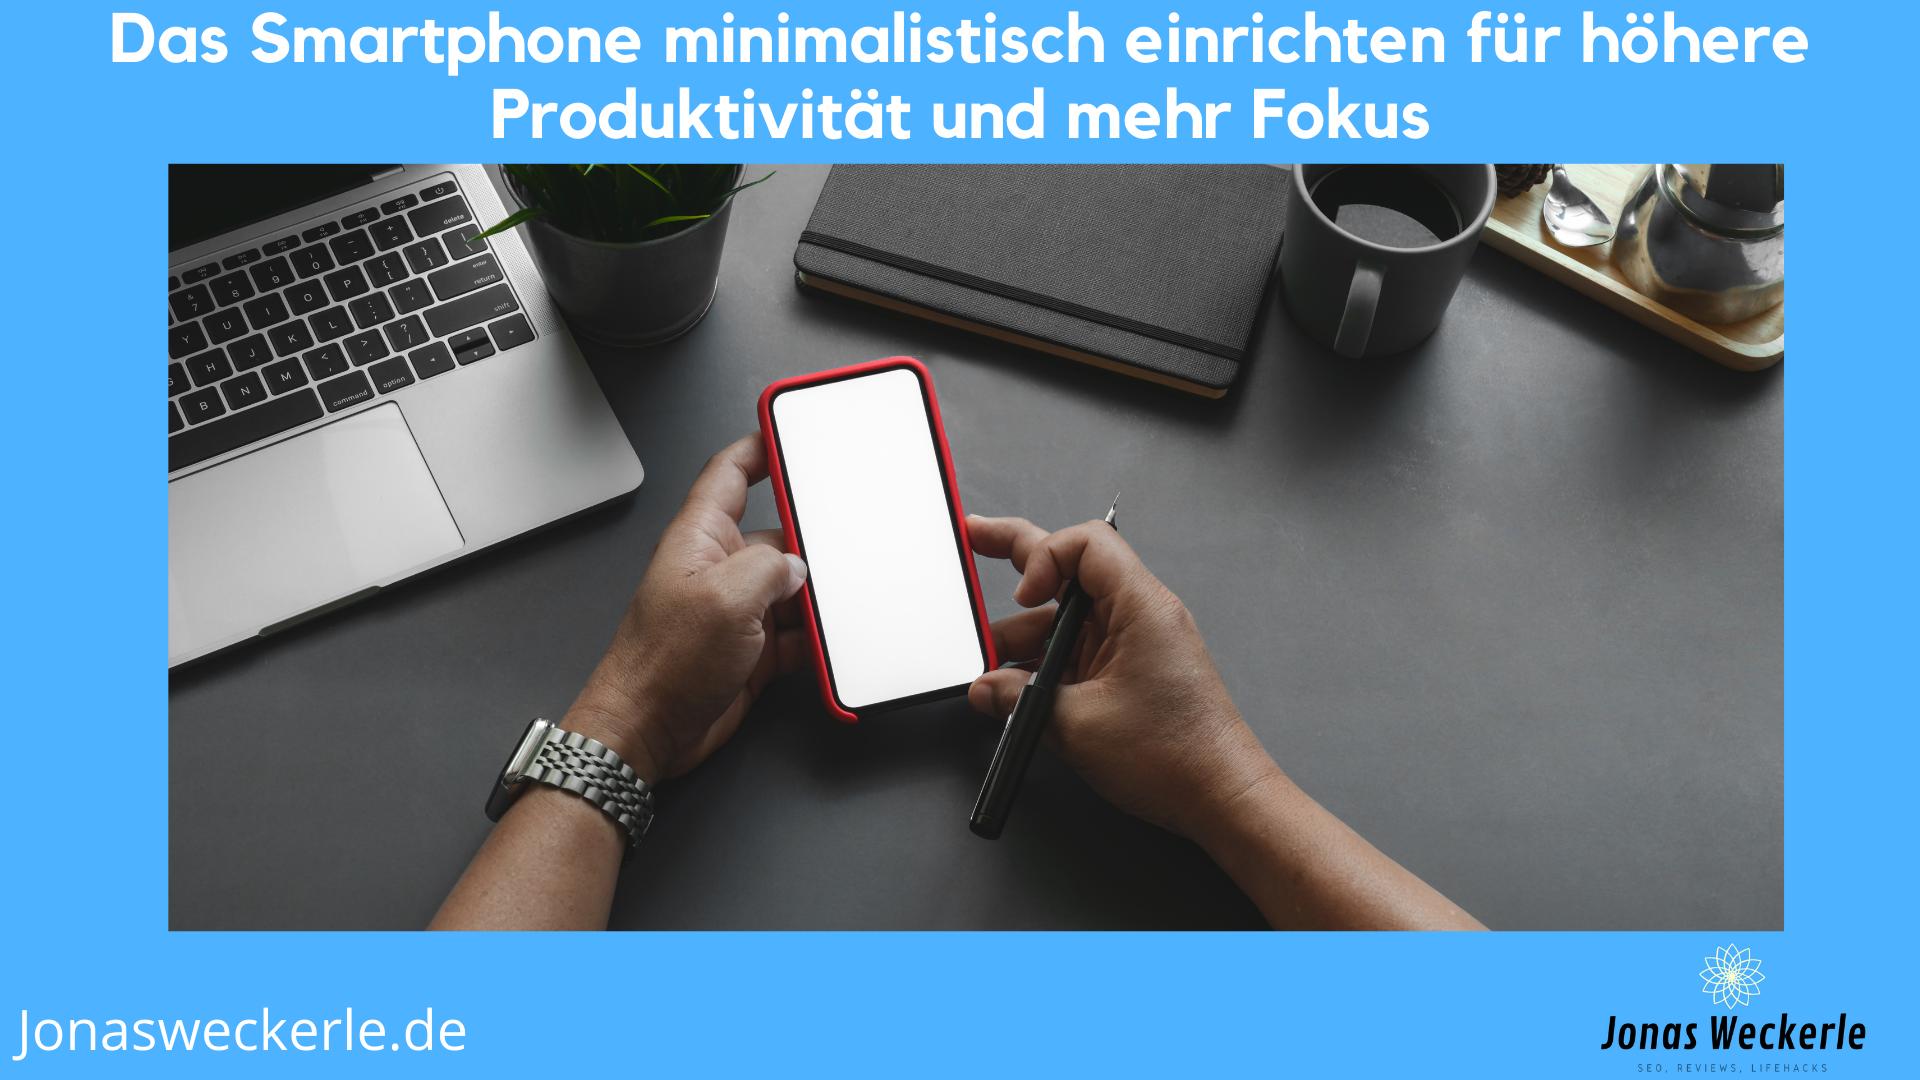 minimalistisches smartphone